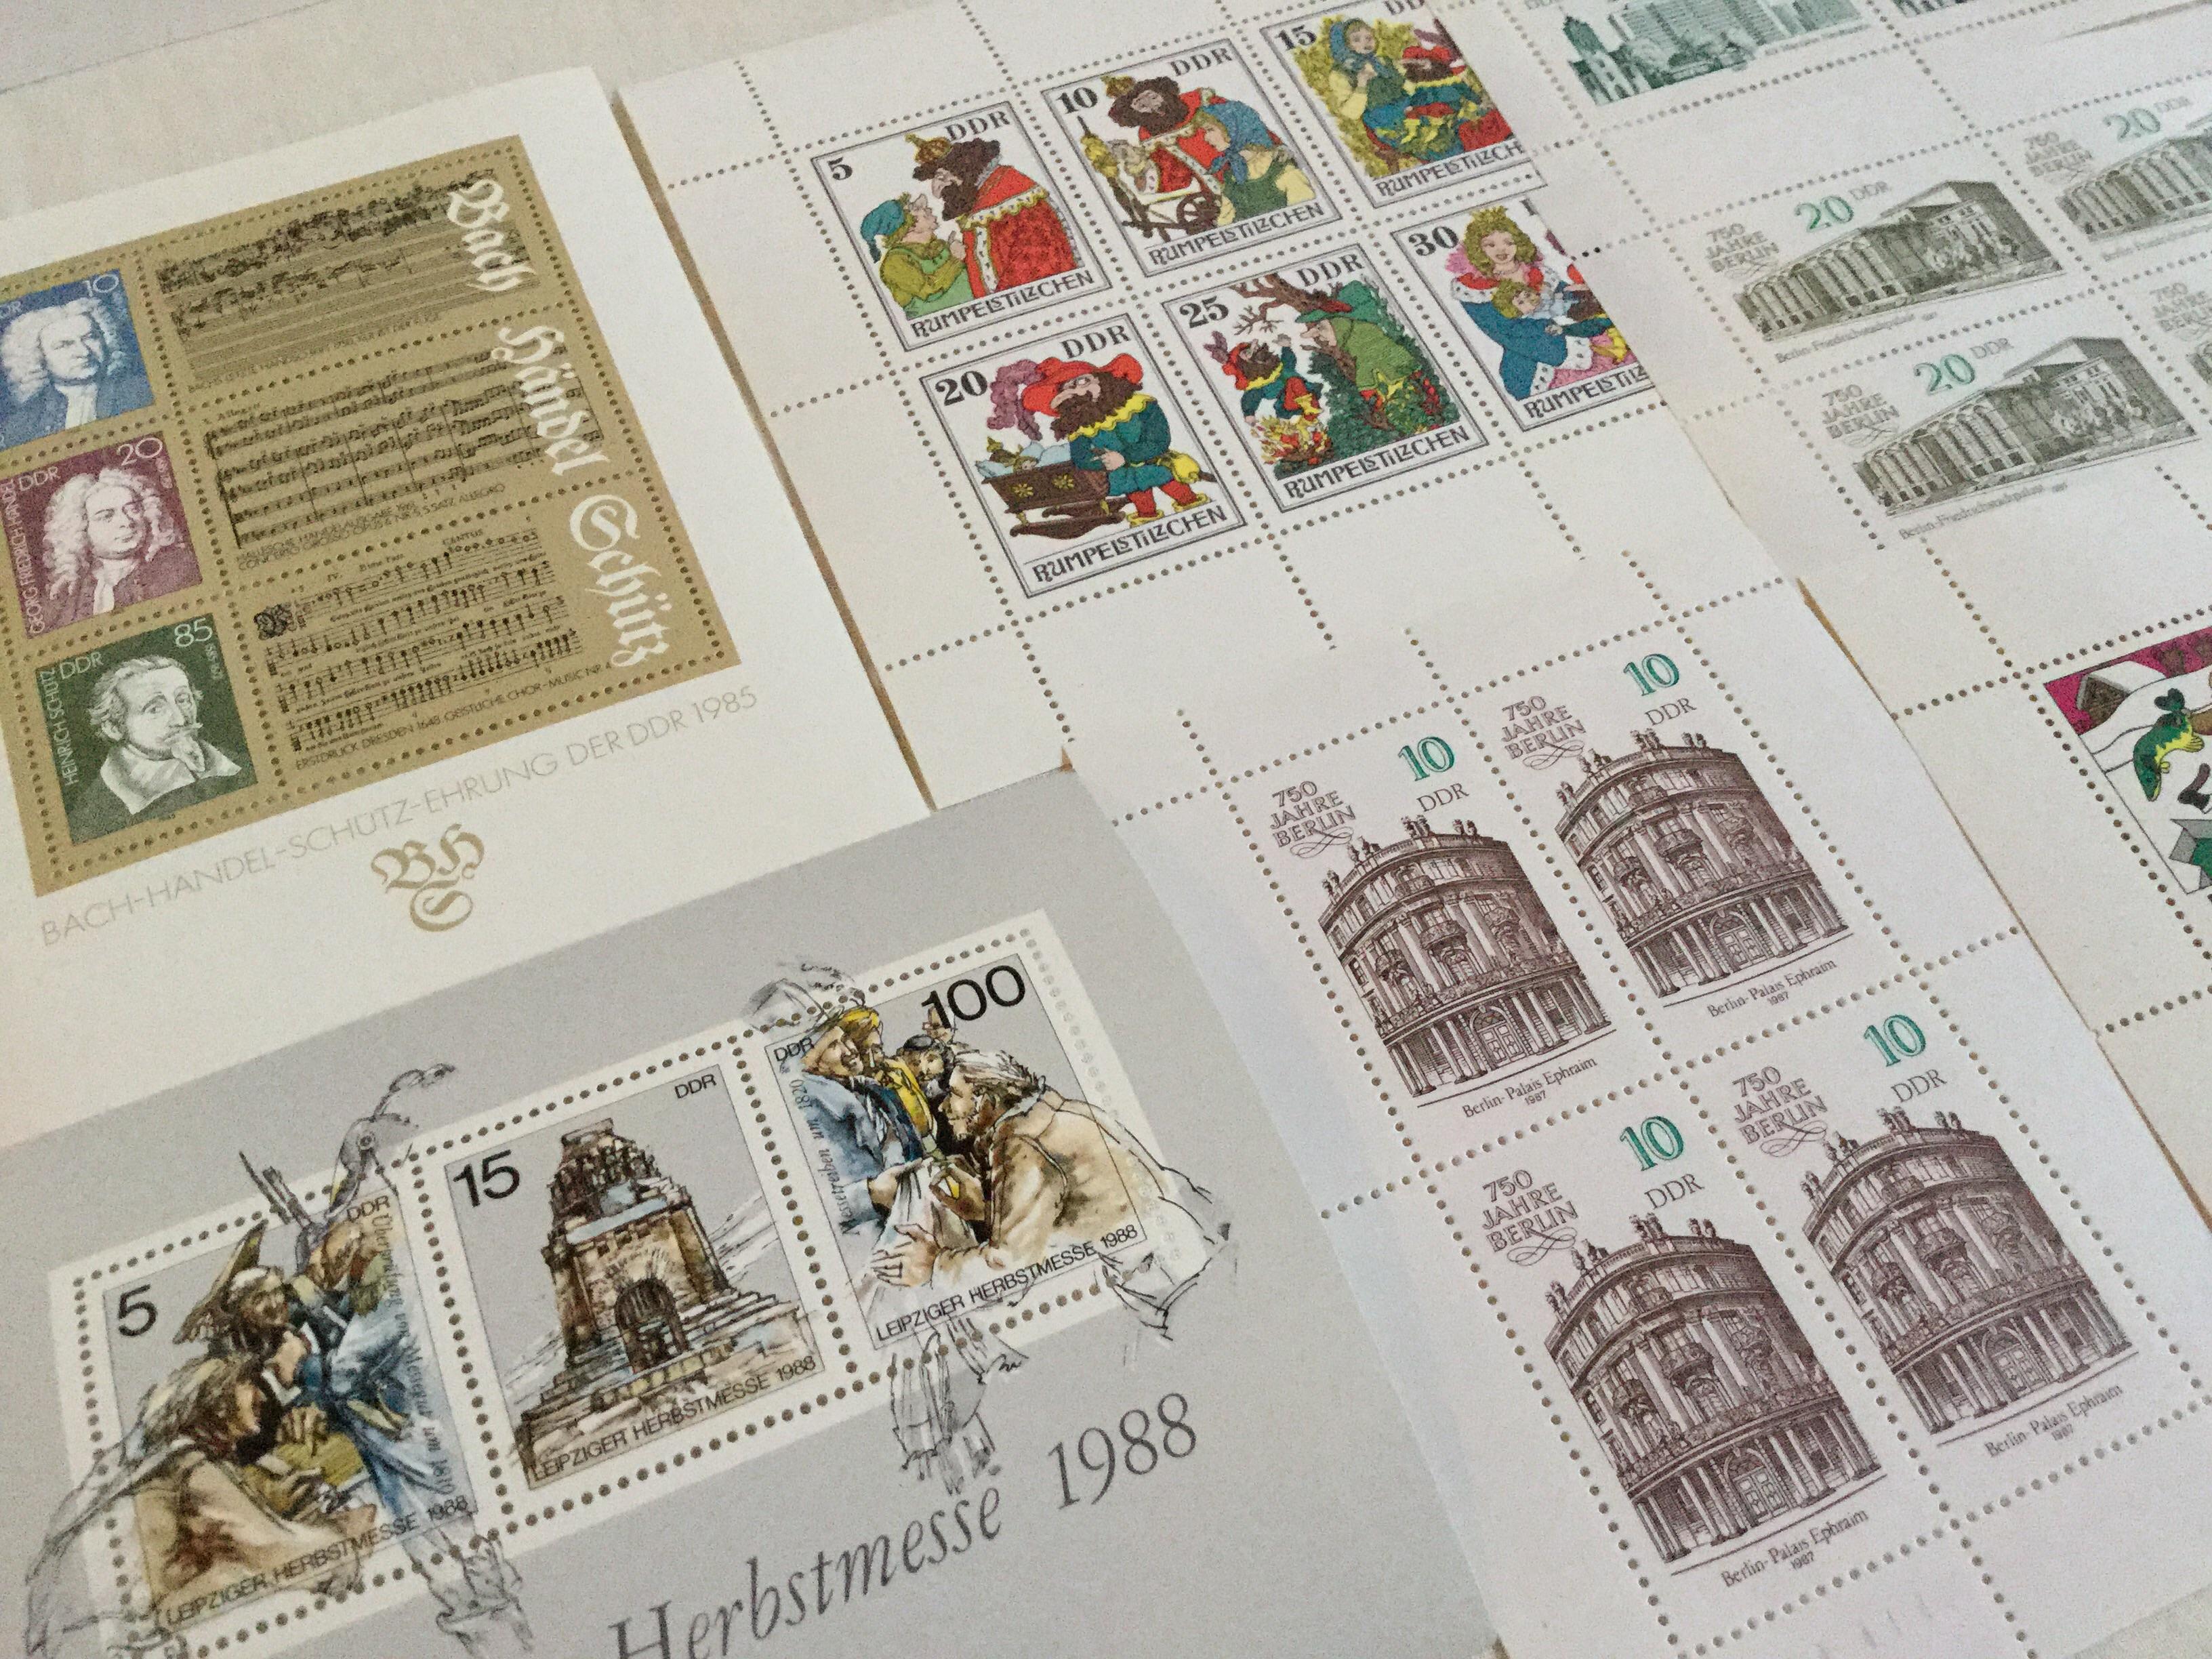 DDR 旧東ドイツ時代の切手シートいろいろ